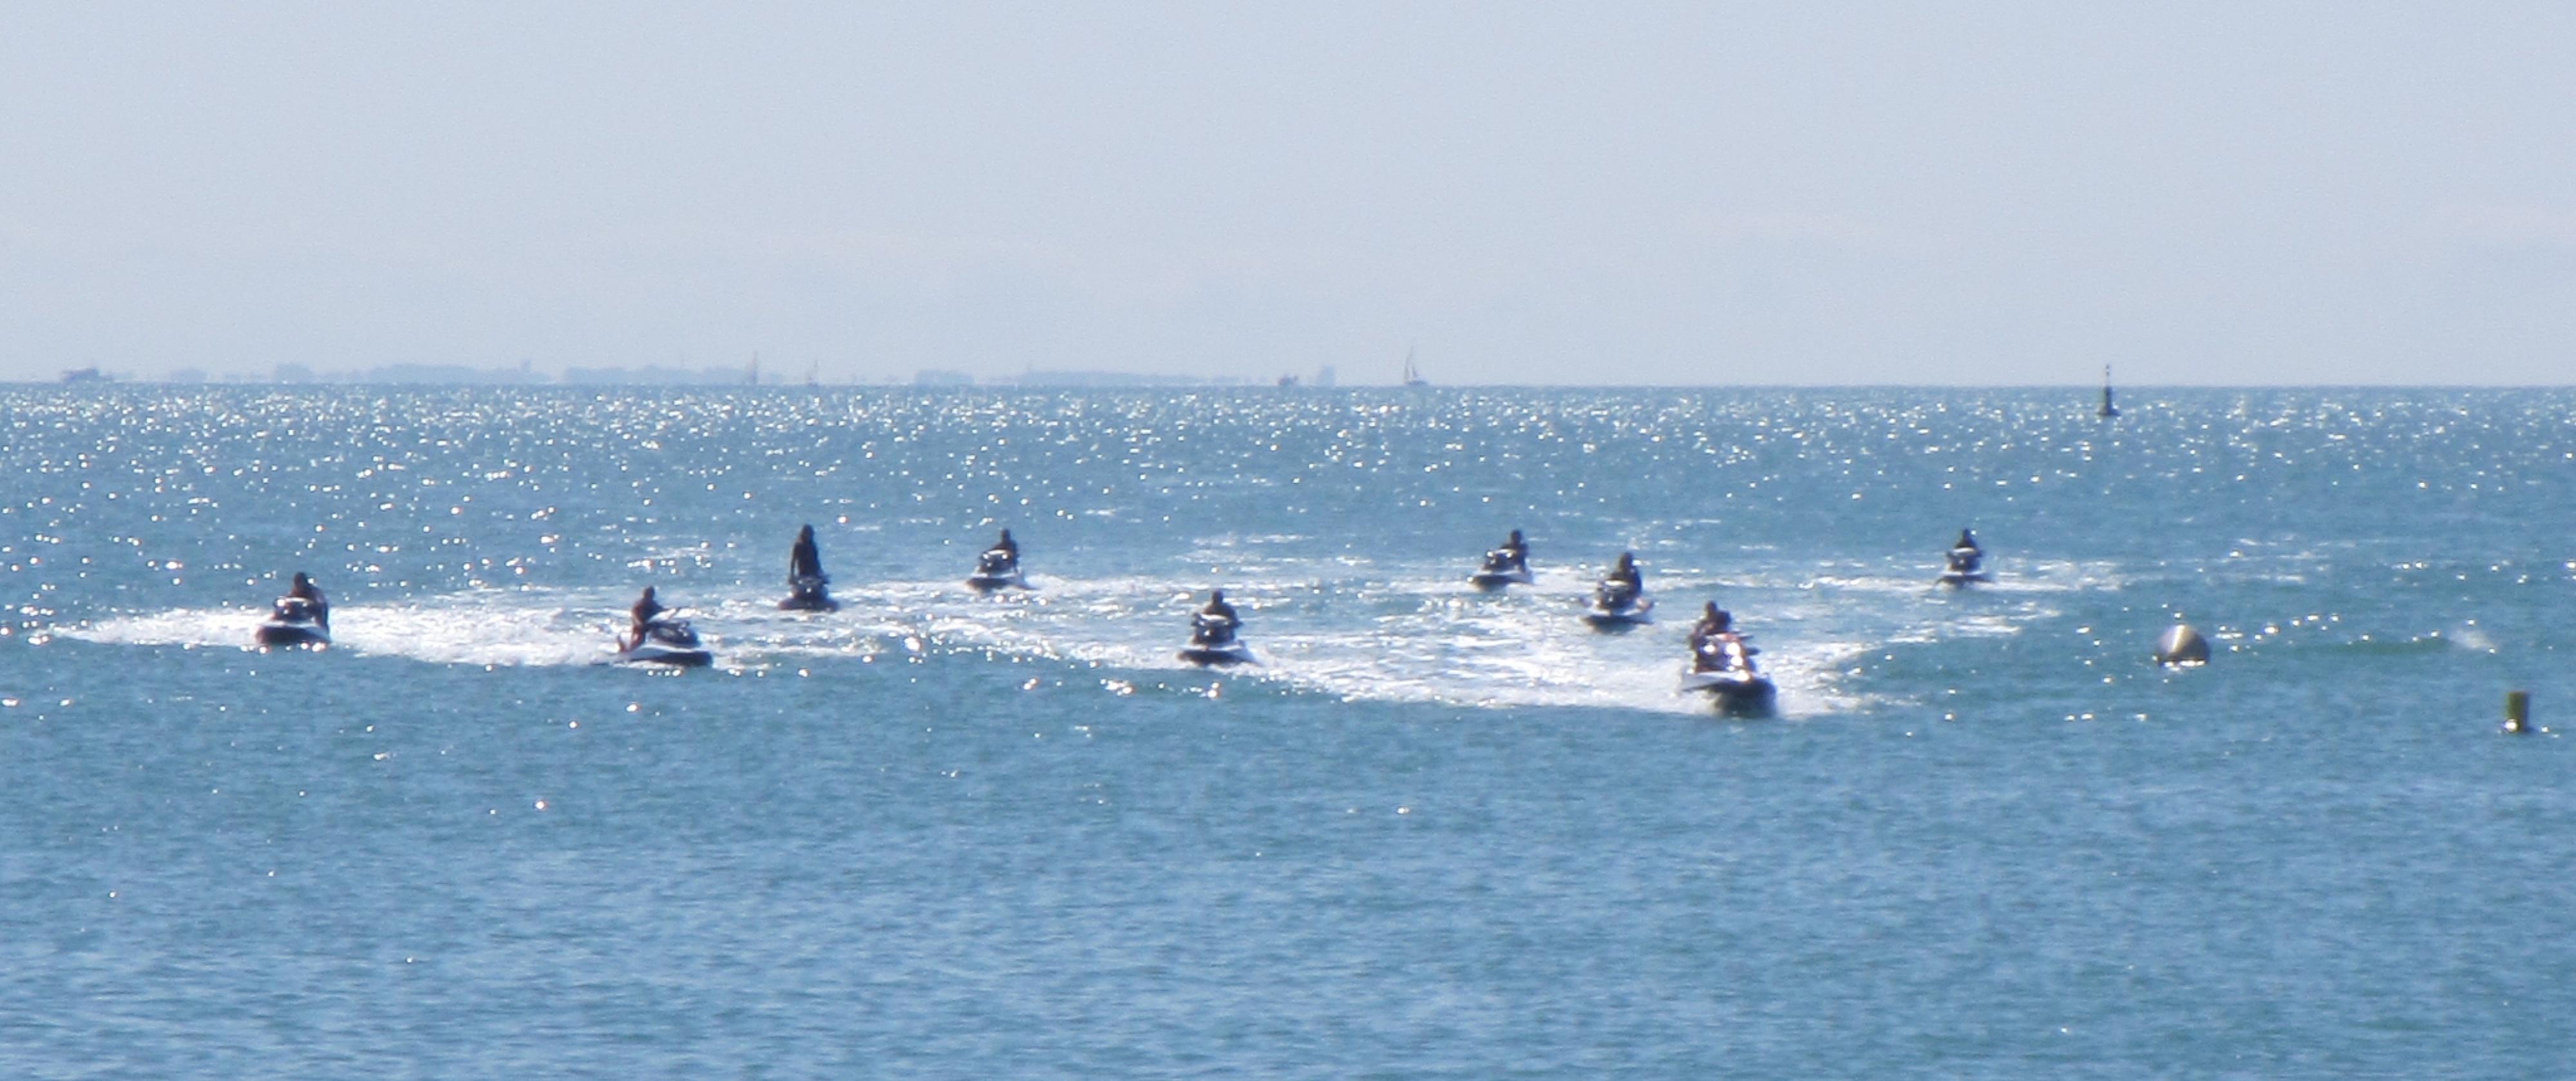 Groupe de jet ski